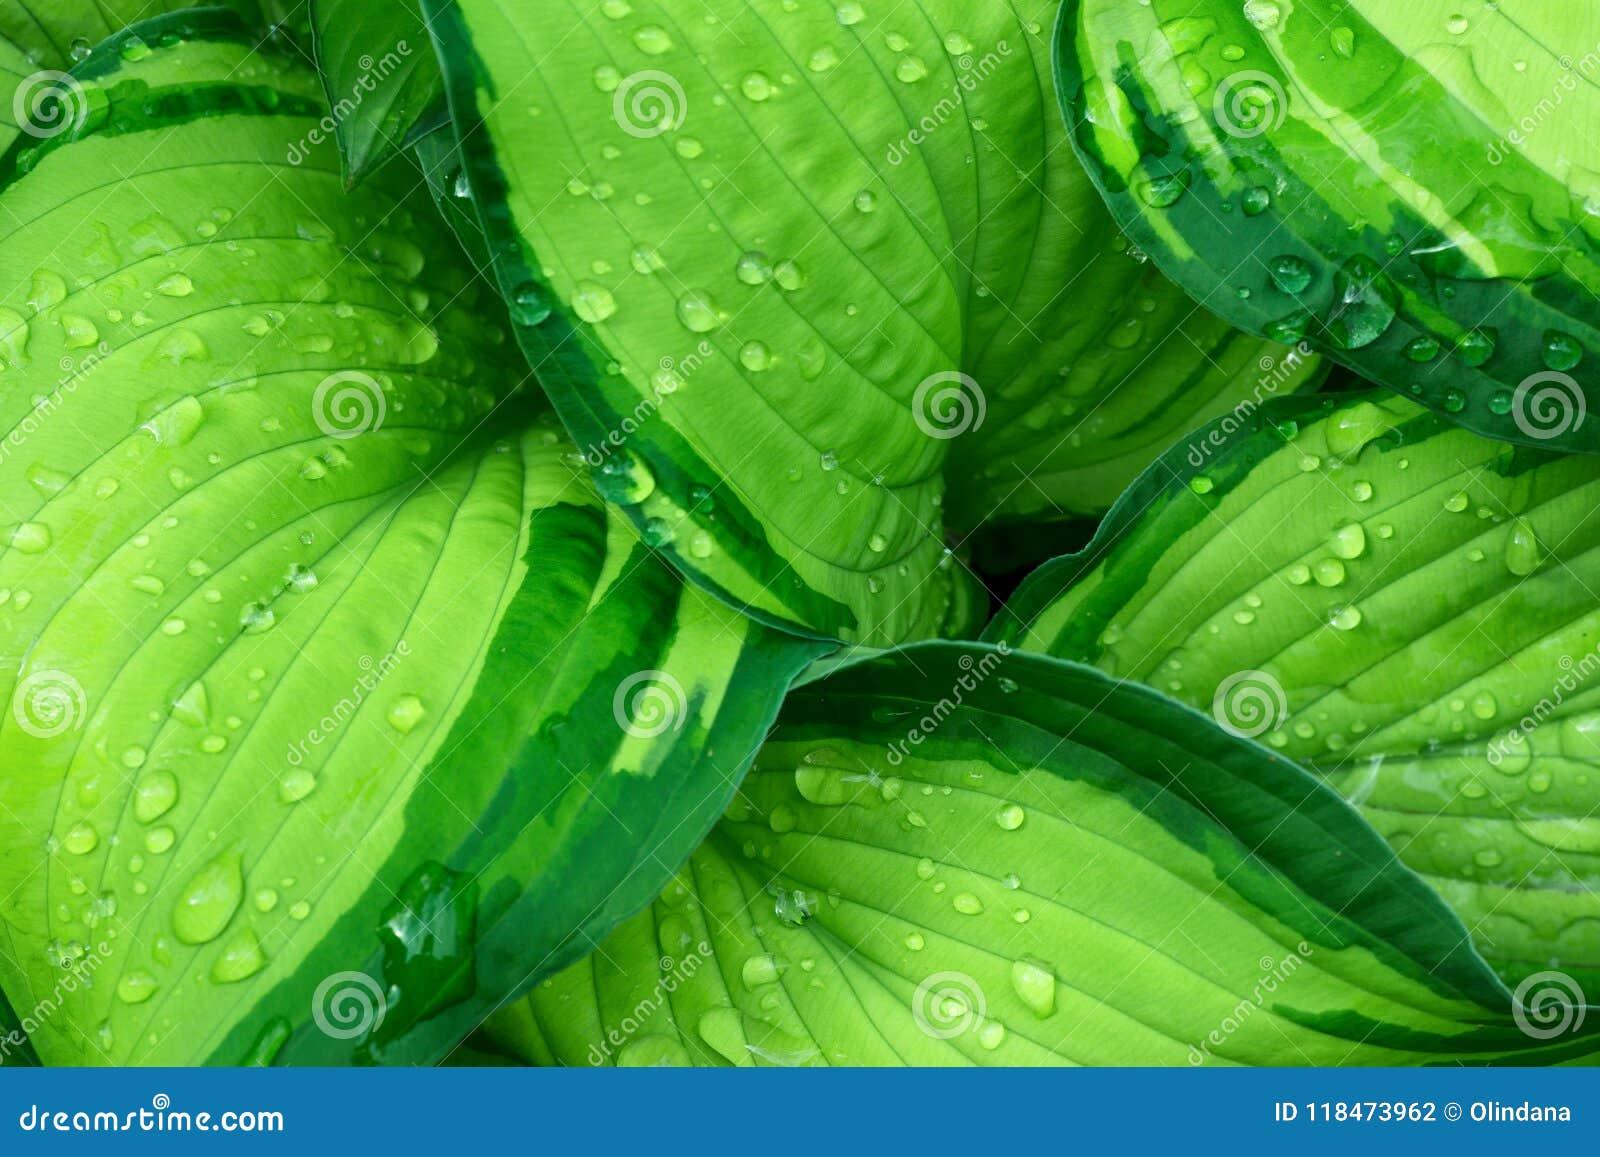 Φρέσκα πράσινα φύλλα φυτού Hosta μετά από τη βροχή με τις πτώσεις νερού Βοτανικό υπόβαθρο φύσης φυλλώματος Πρότυπο αφισών ταπετσα